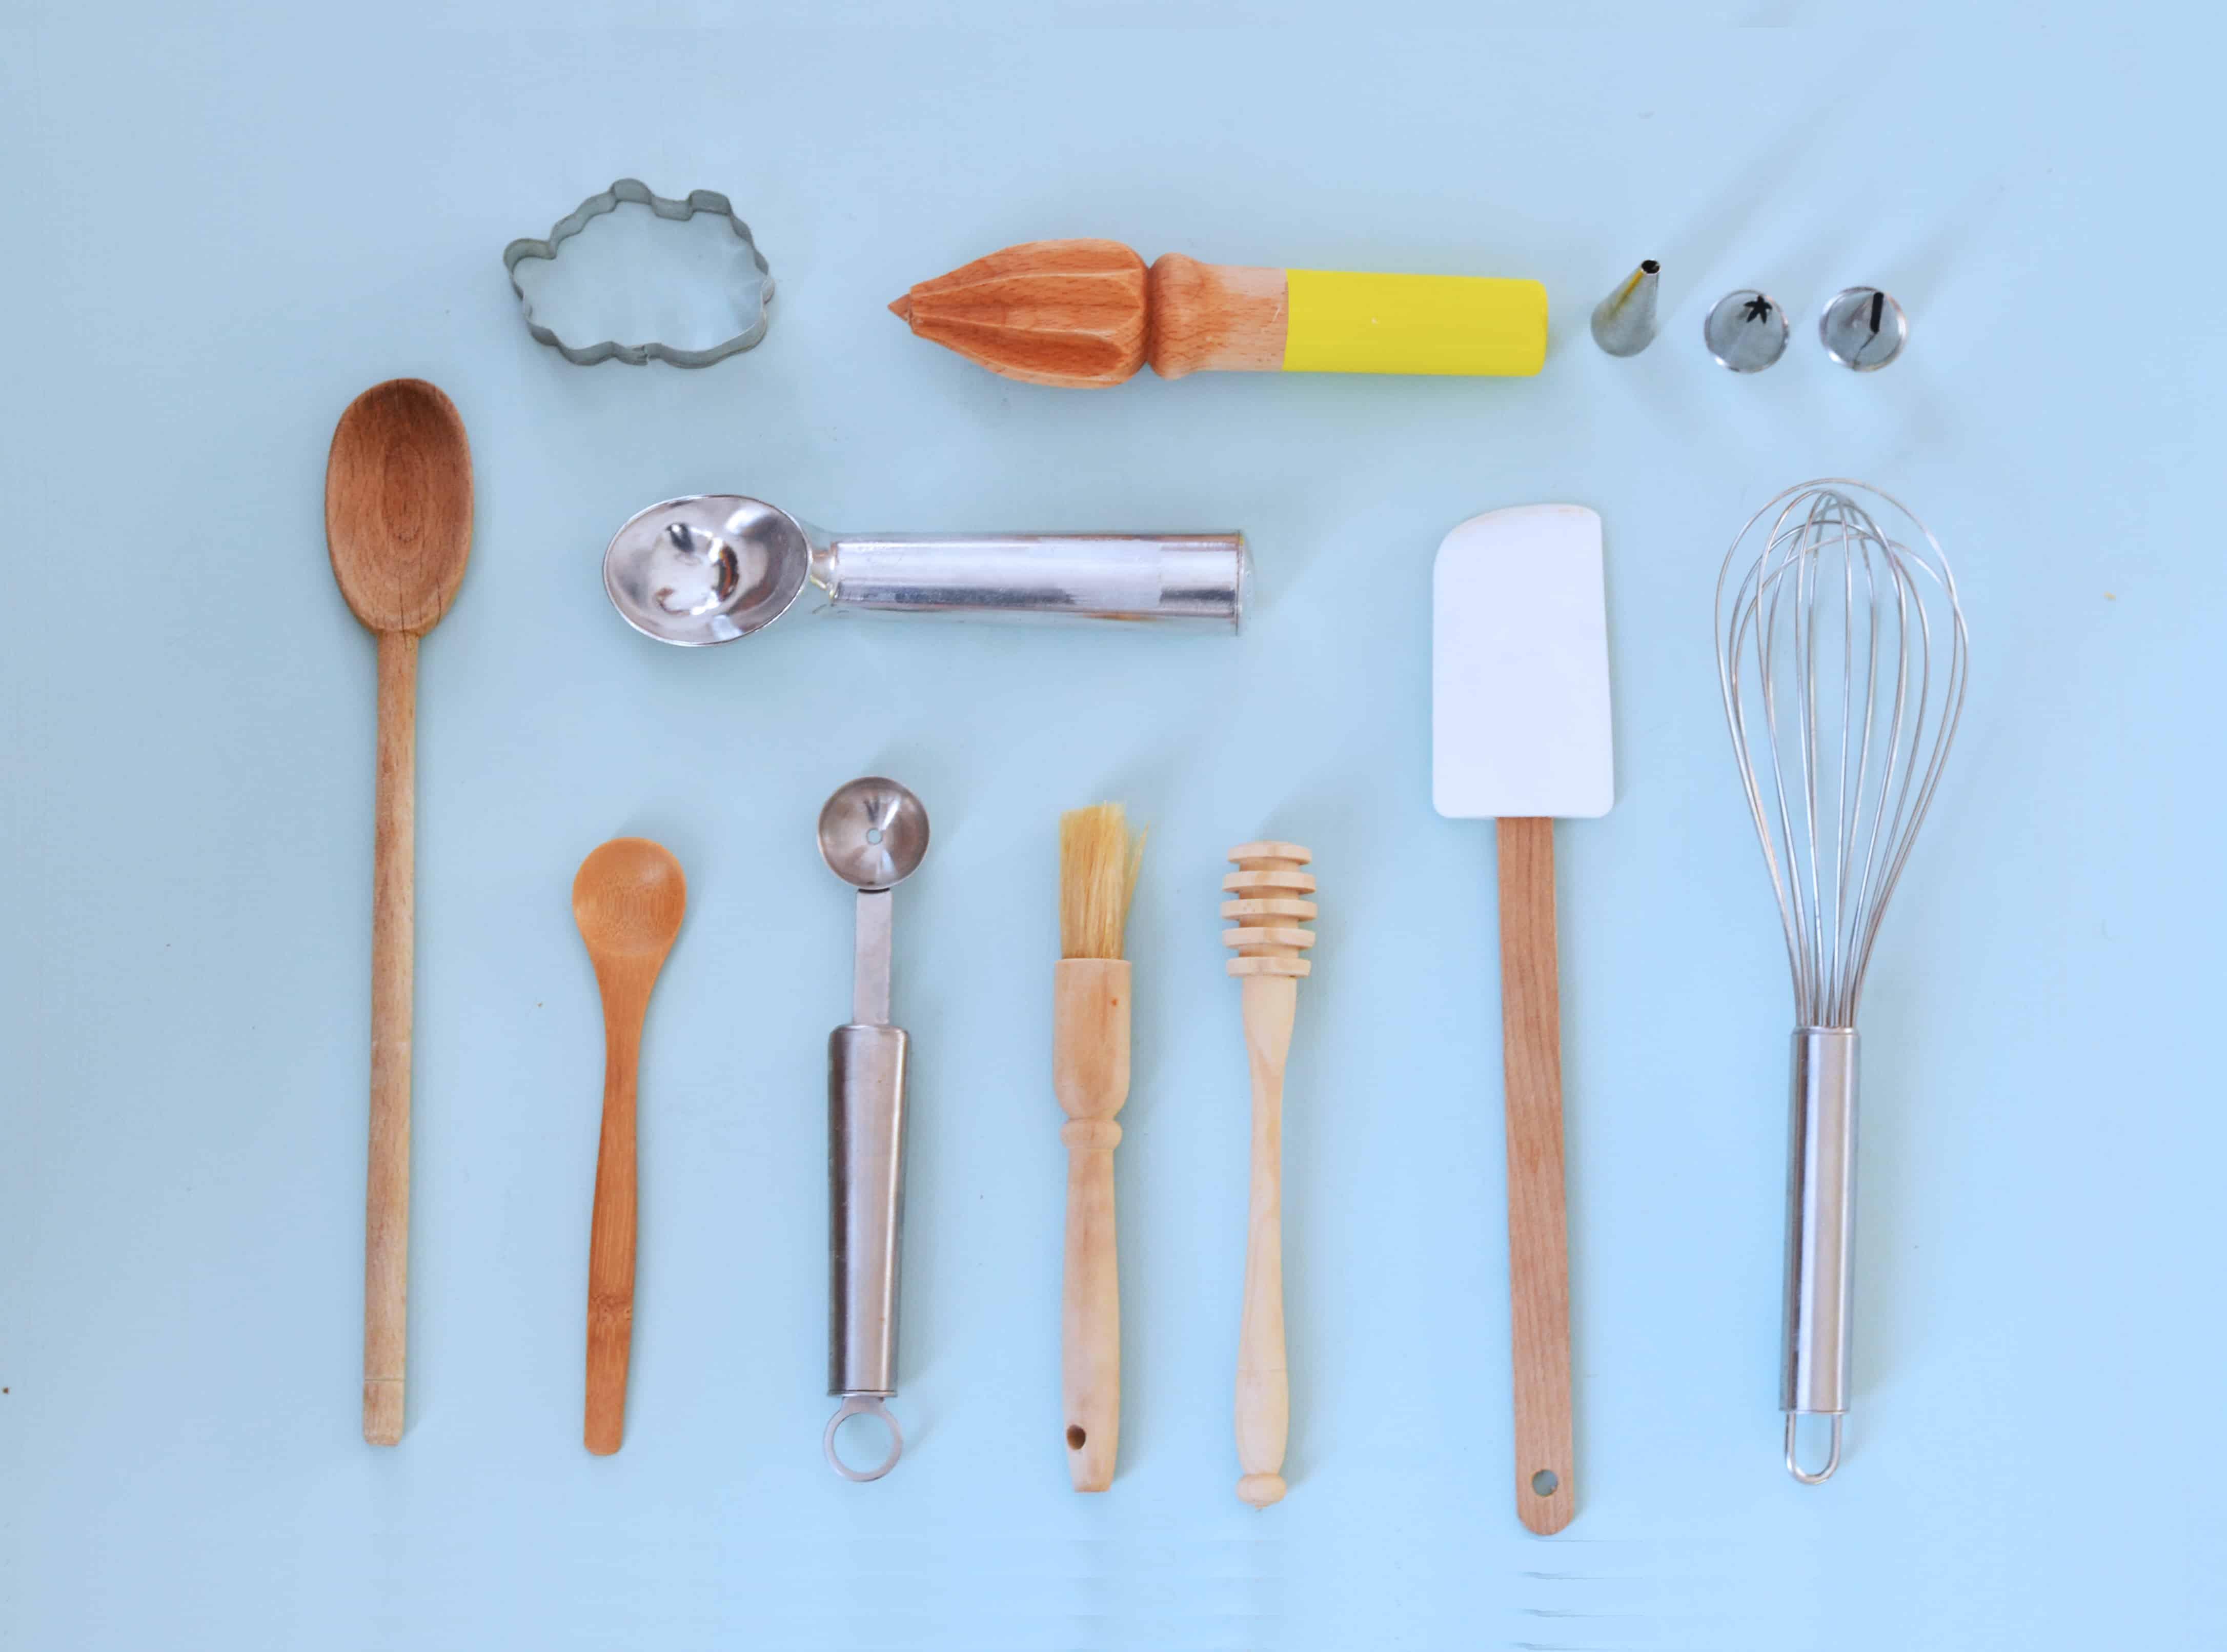 Les ustensiles indispensables en p tisserie pour d butants initi s et pros eat me baby - Outil de cuisine liste ...